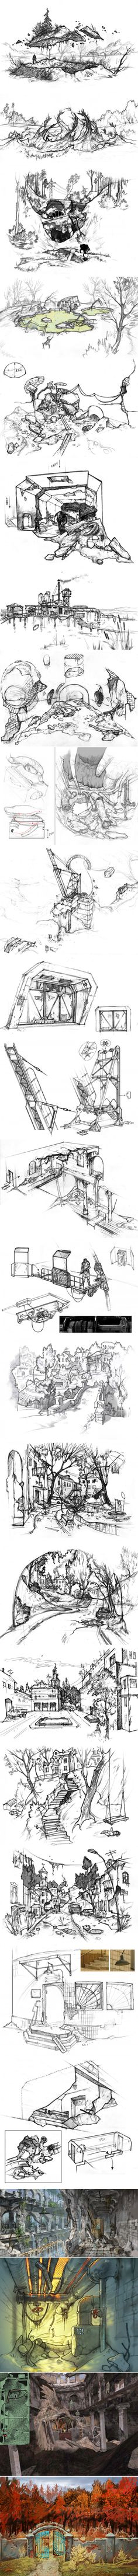 Концепт арты S.T.A.L.K.E.R. Чистое небо Официальные концепт арты разработчиков